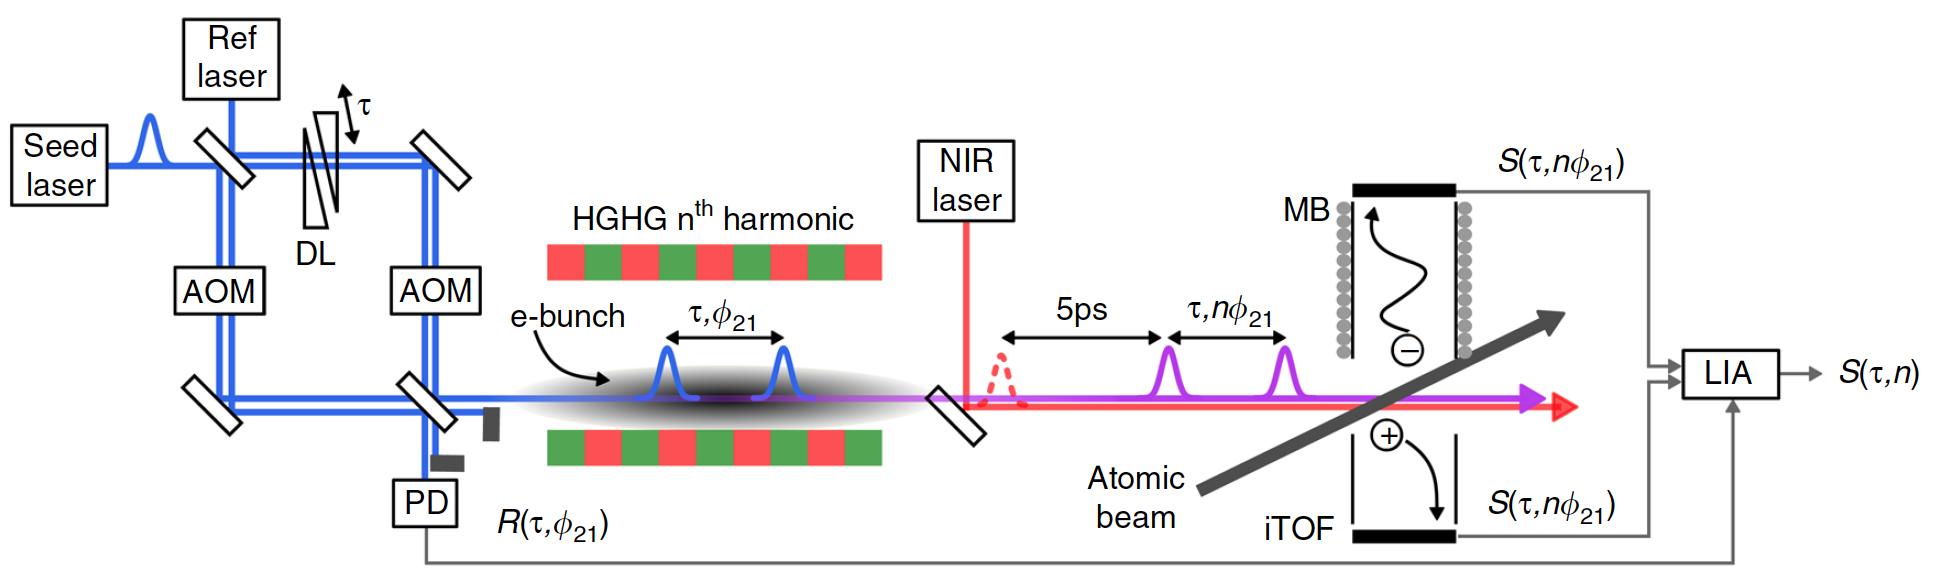 Поймать электрон: наблюдение процесса, занимающего квинтиллионную долю секунды - 2